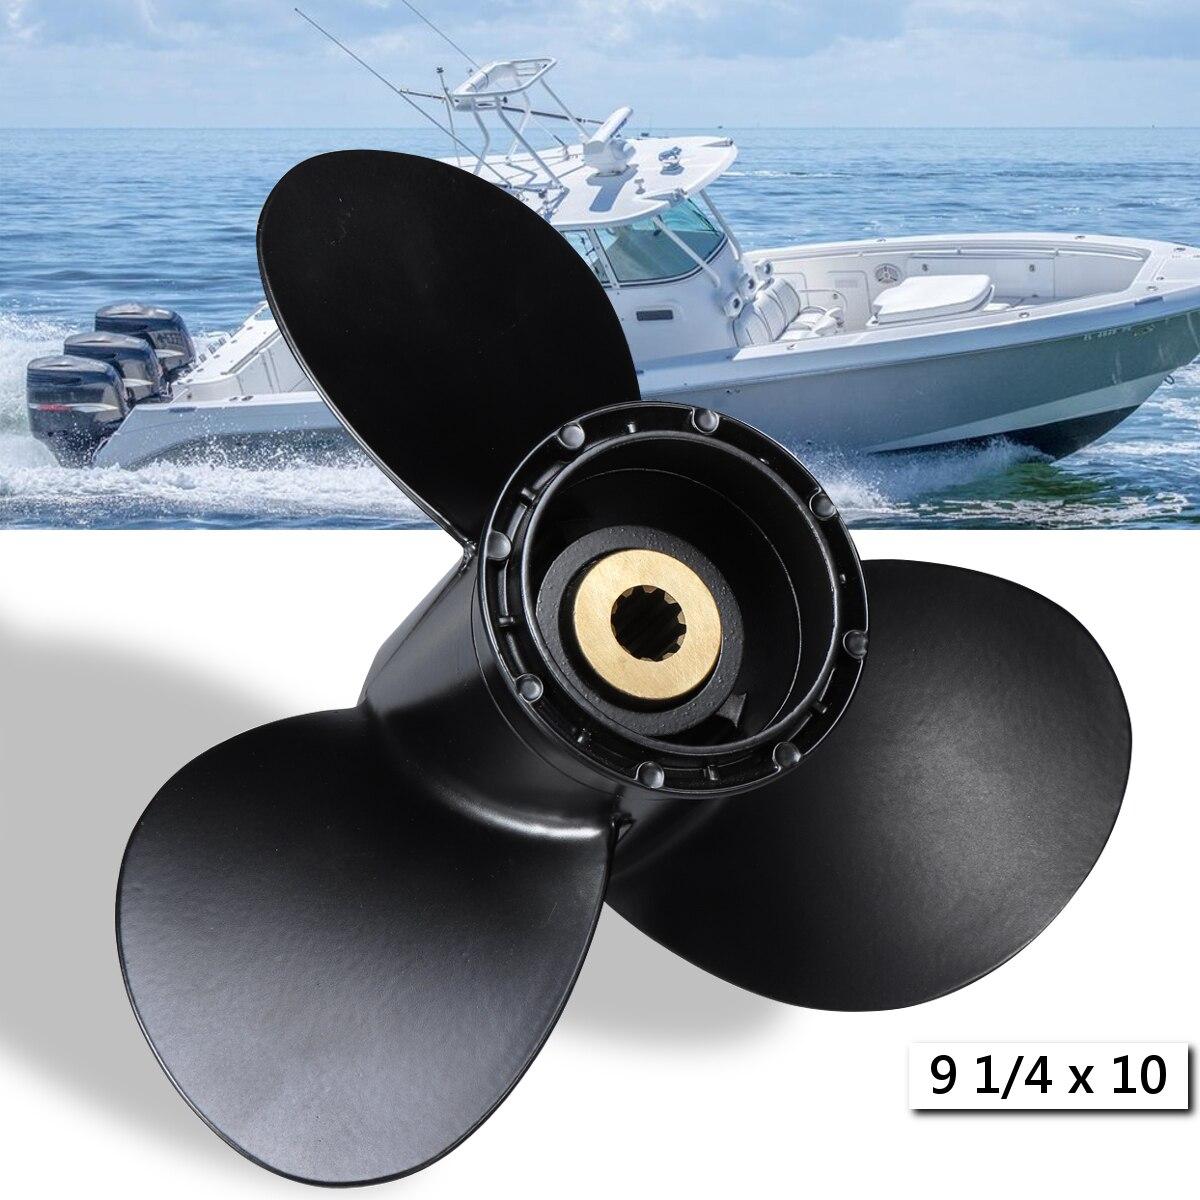 58100-93733-019 9 1/4x10 Barca Fuoribordo Elica Per Suzuki 8-20HP In Lega di Alluminio 10 Spline Tooths R di Rotazione Nero 3 Lame